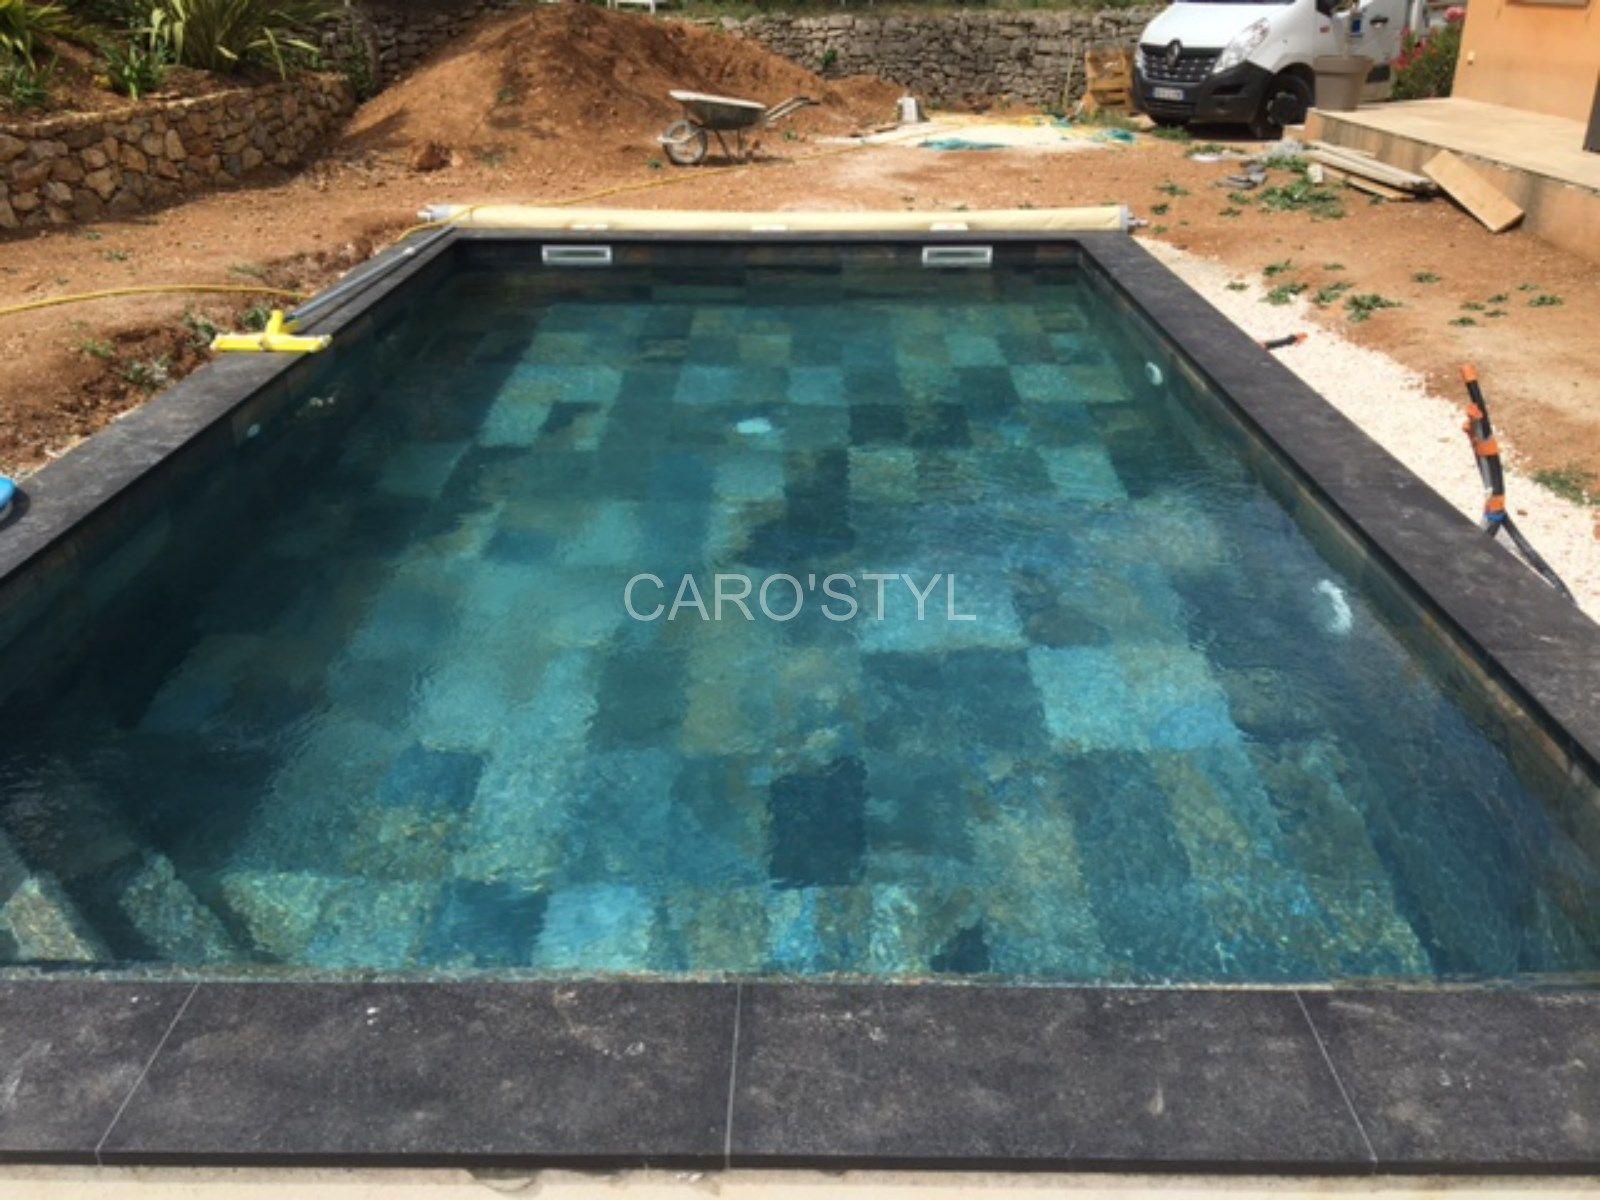 Carrelage mystic black en gr s c rame pour piscine caro for Carrelage pour piscine